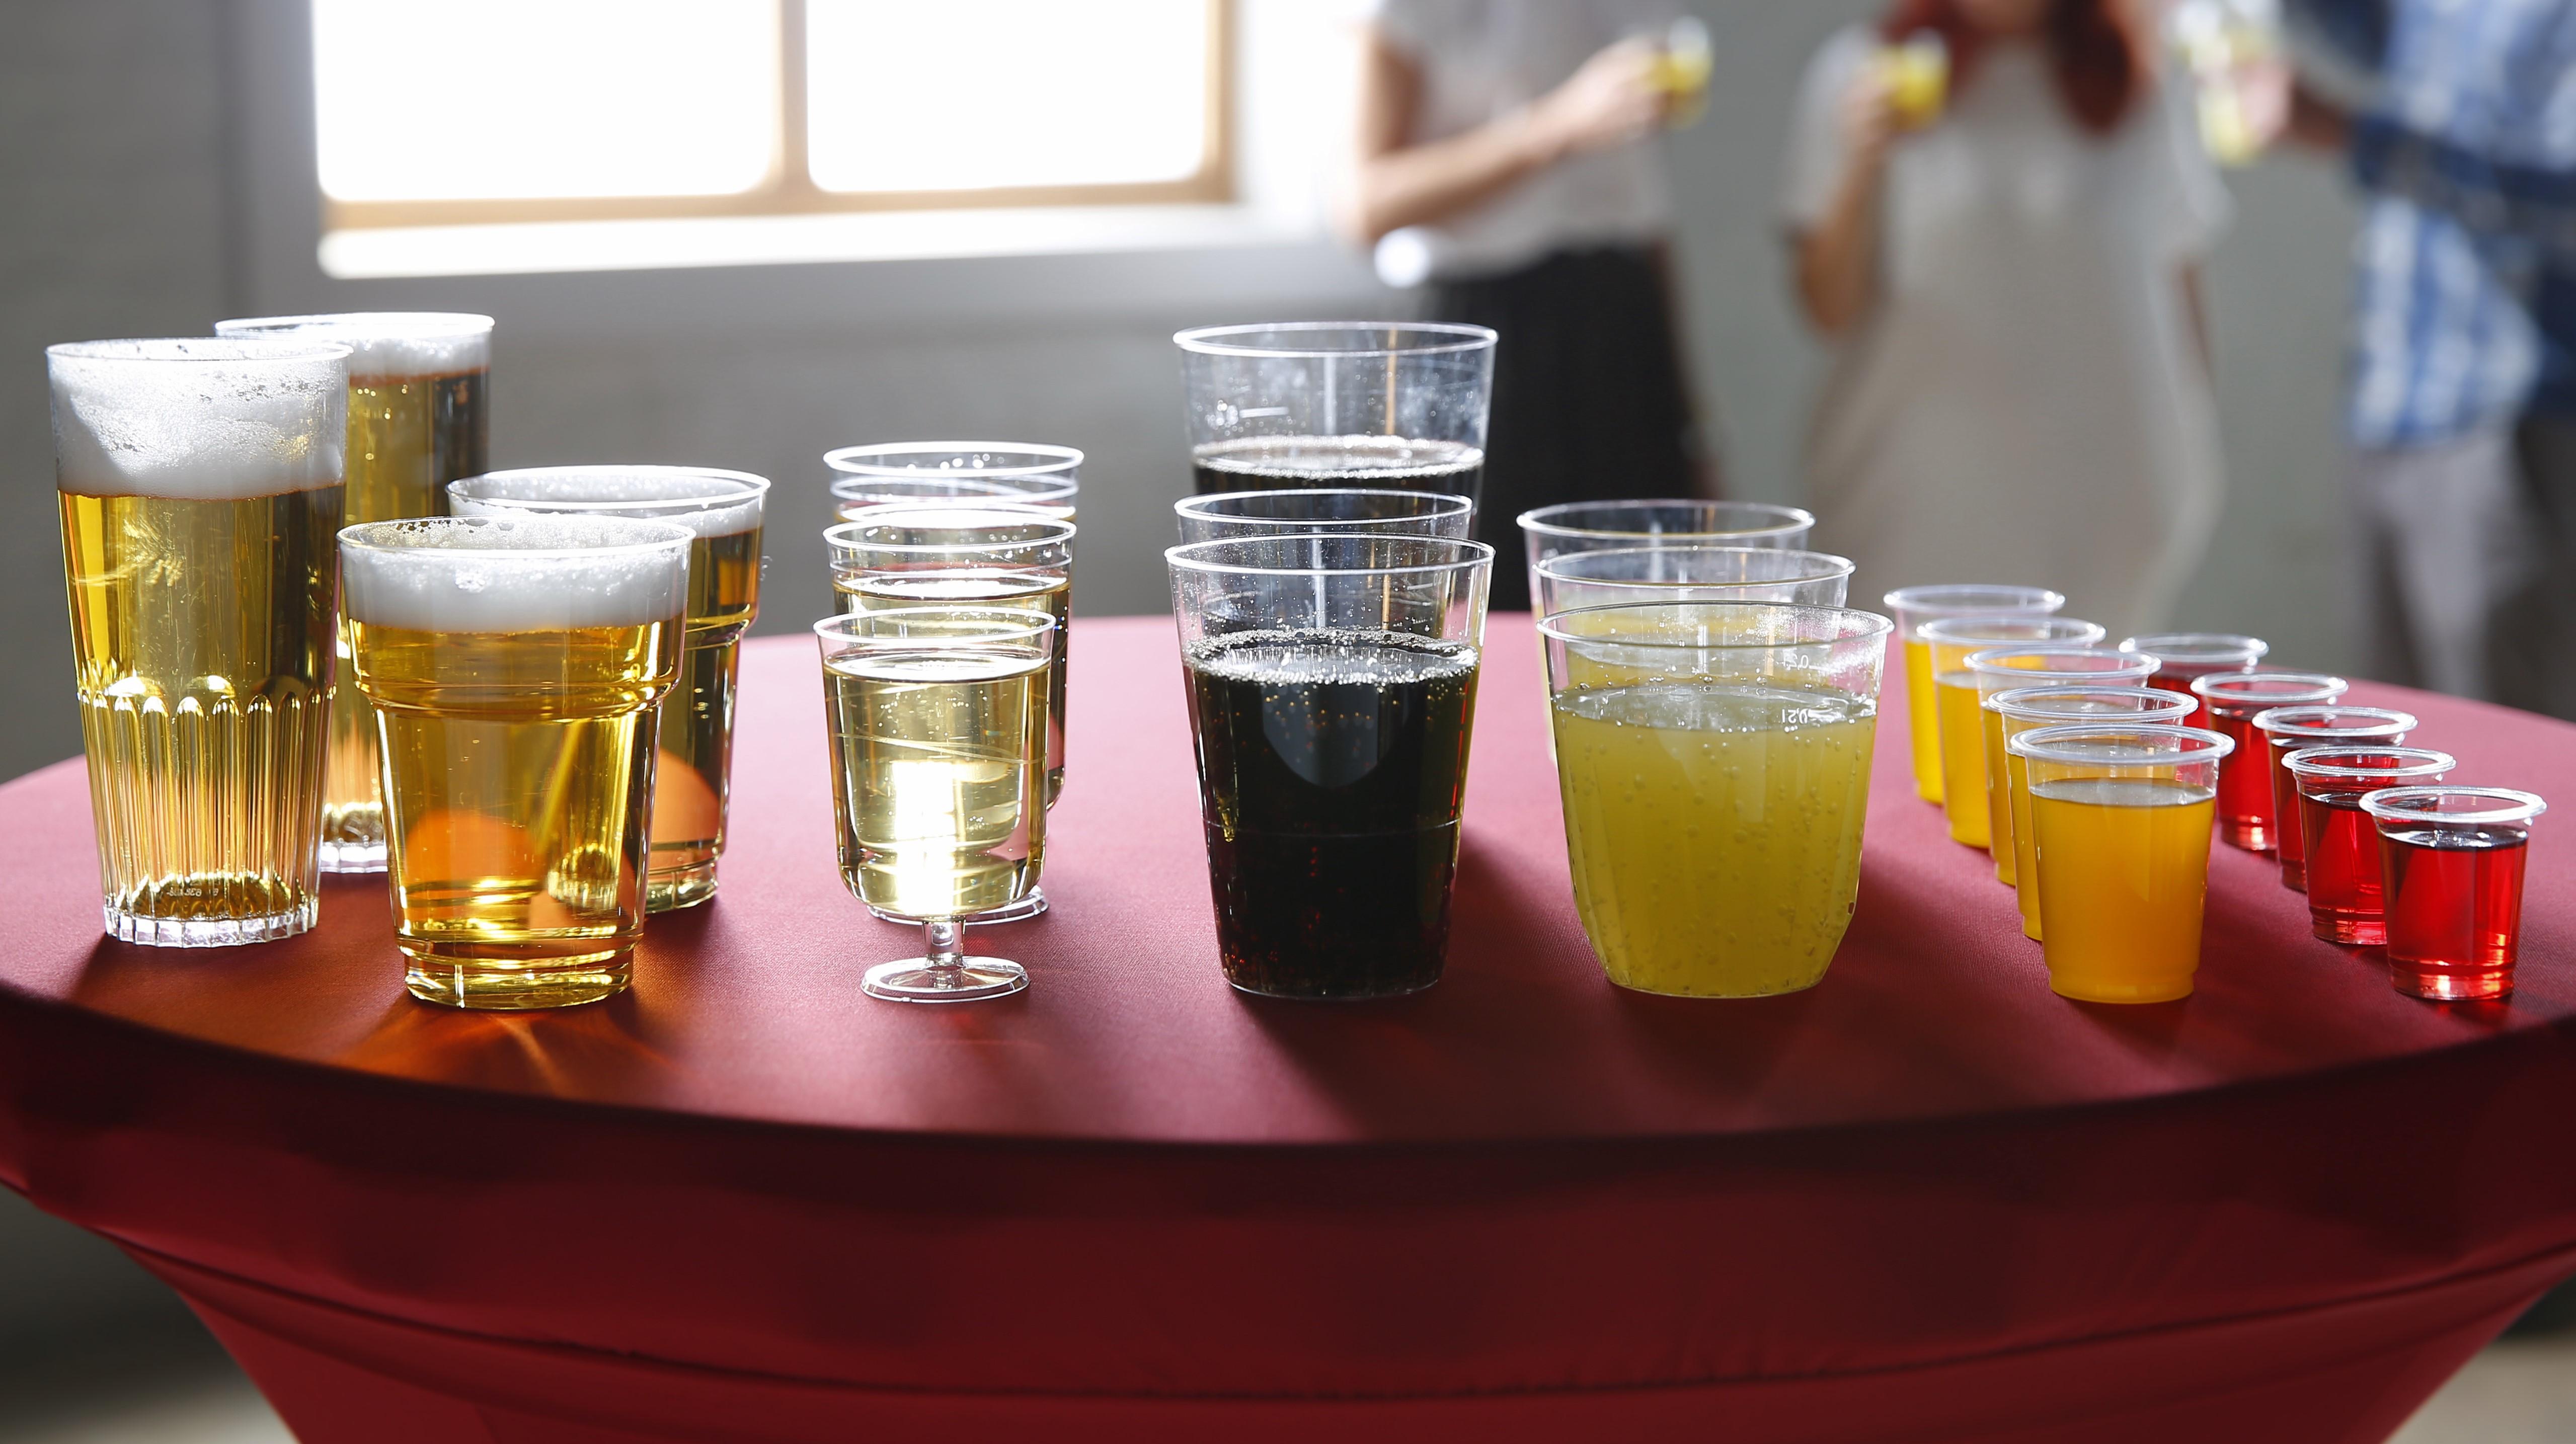 Ruime keuze plastic bekers en glazen.